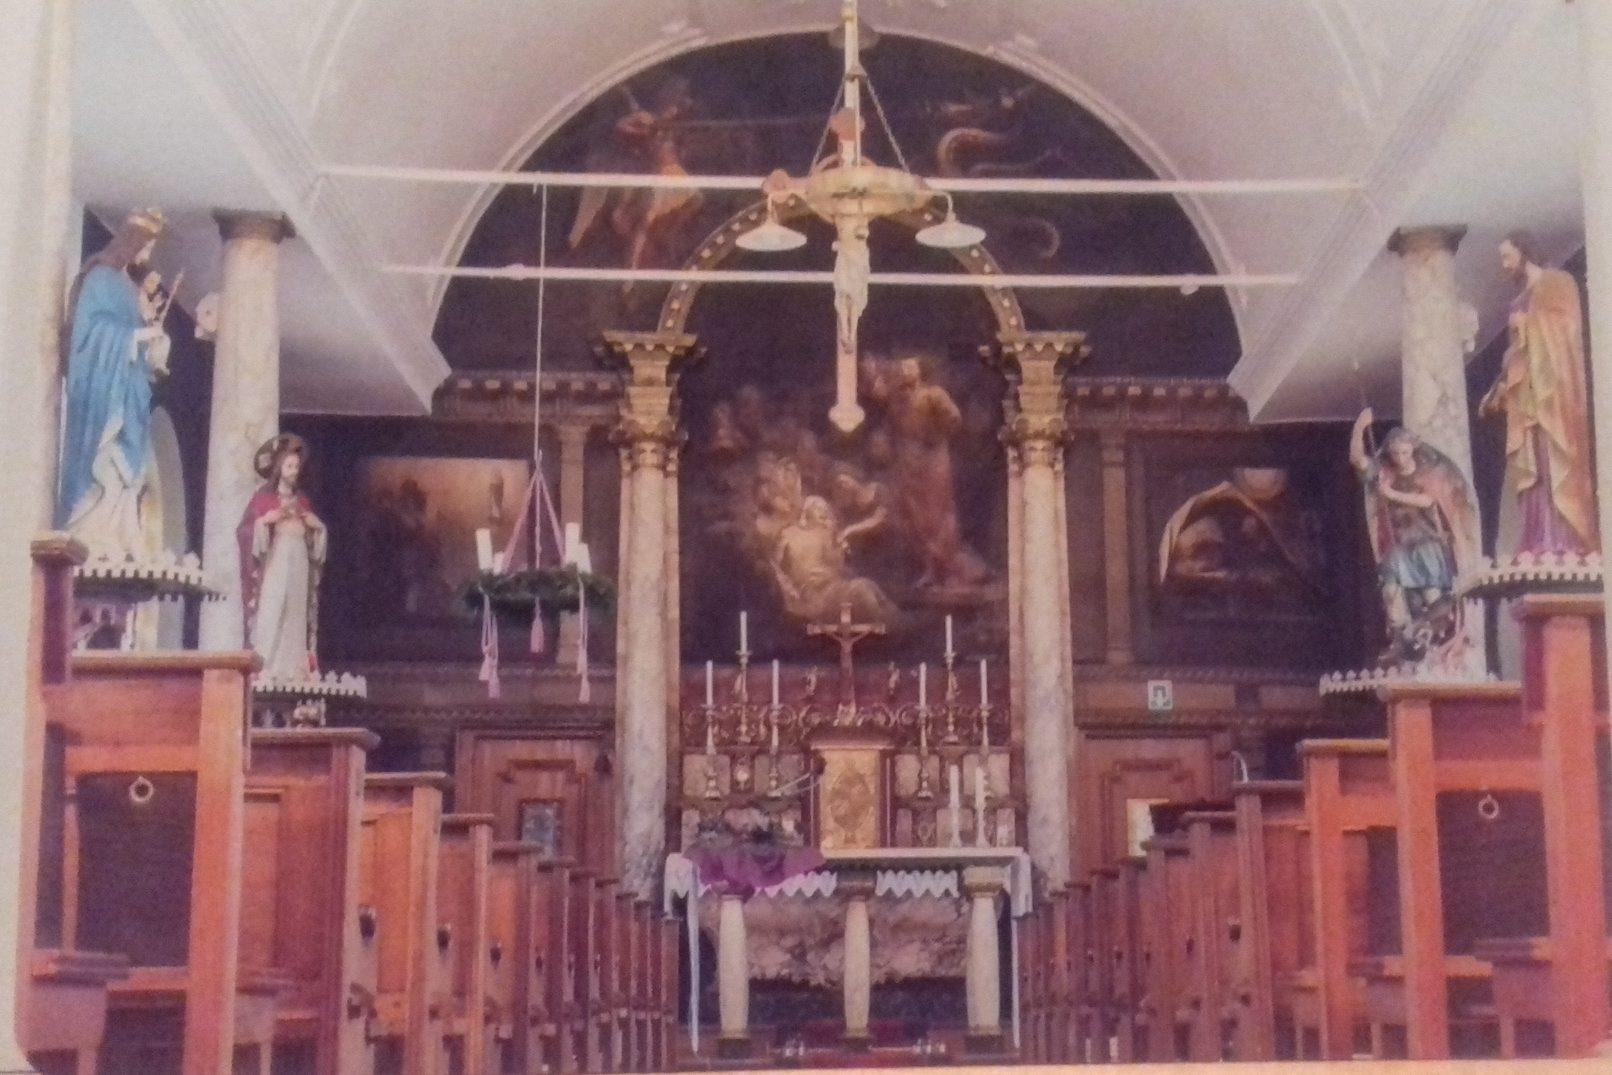 Kaart 3 : Interieur kerk